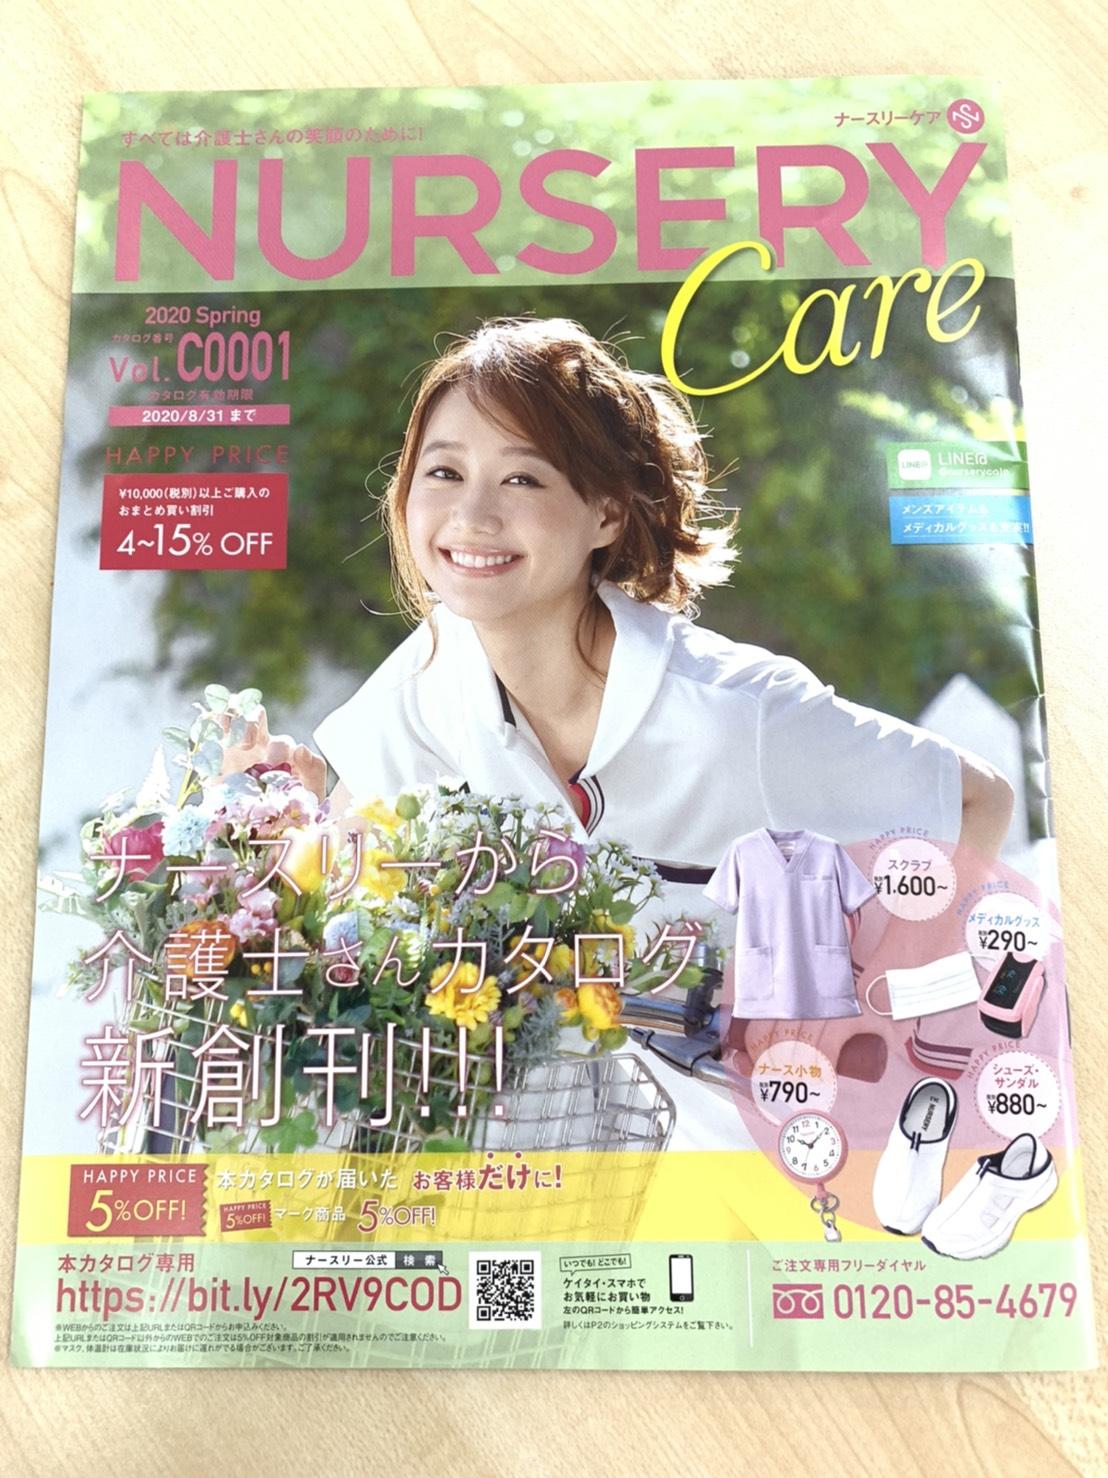 槙純也がNURSERYcare 2020年春号にモデルとして掲載されています✨